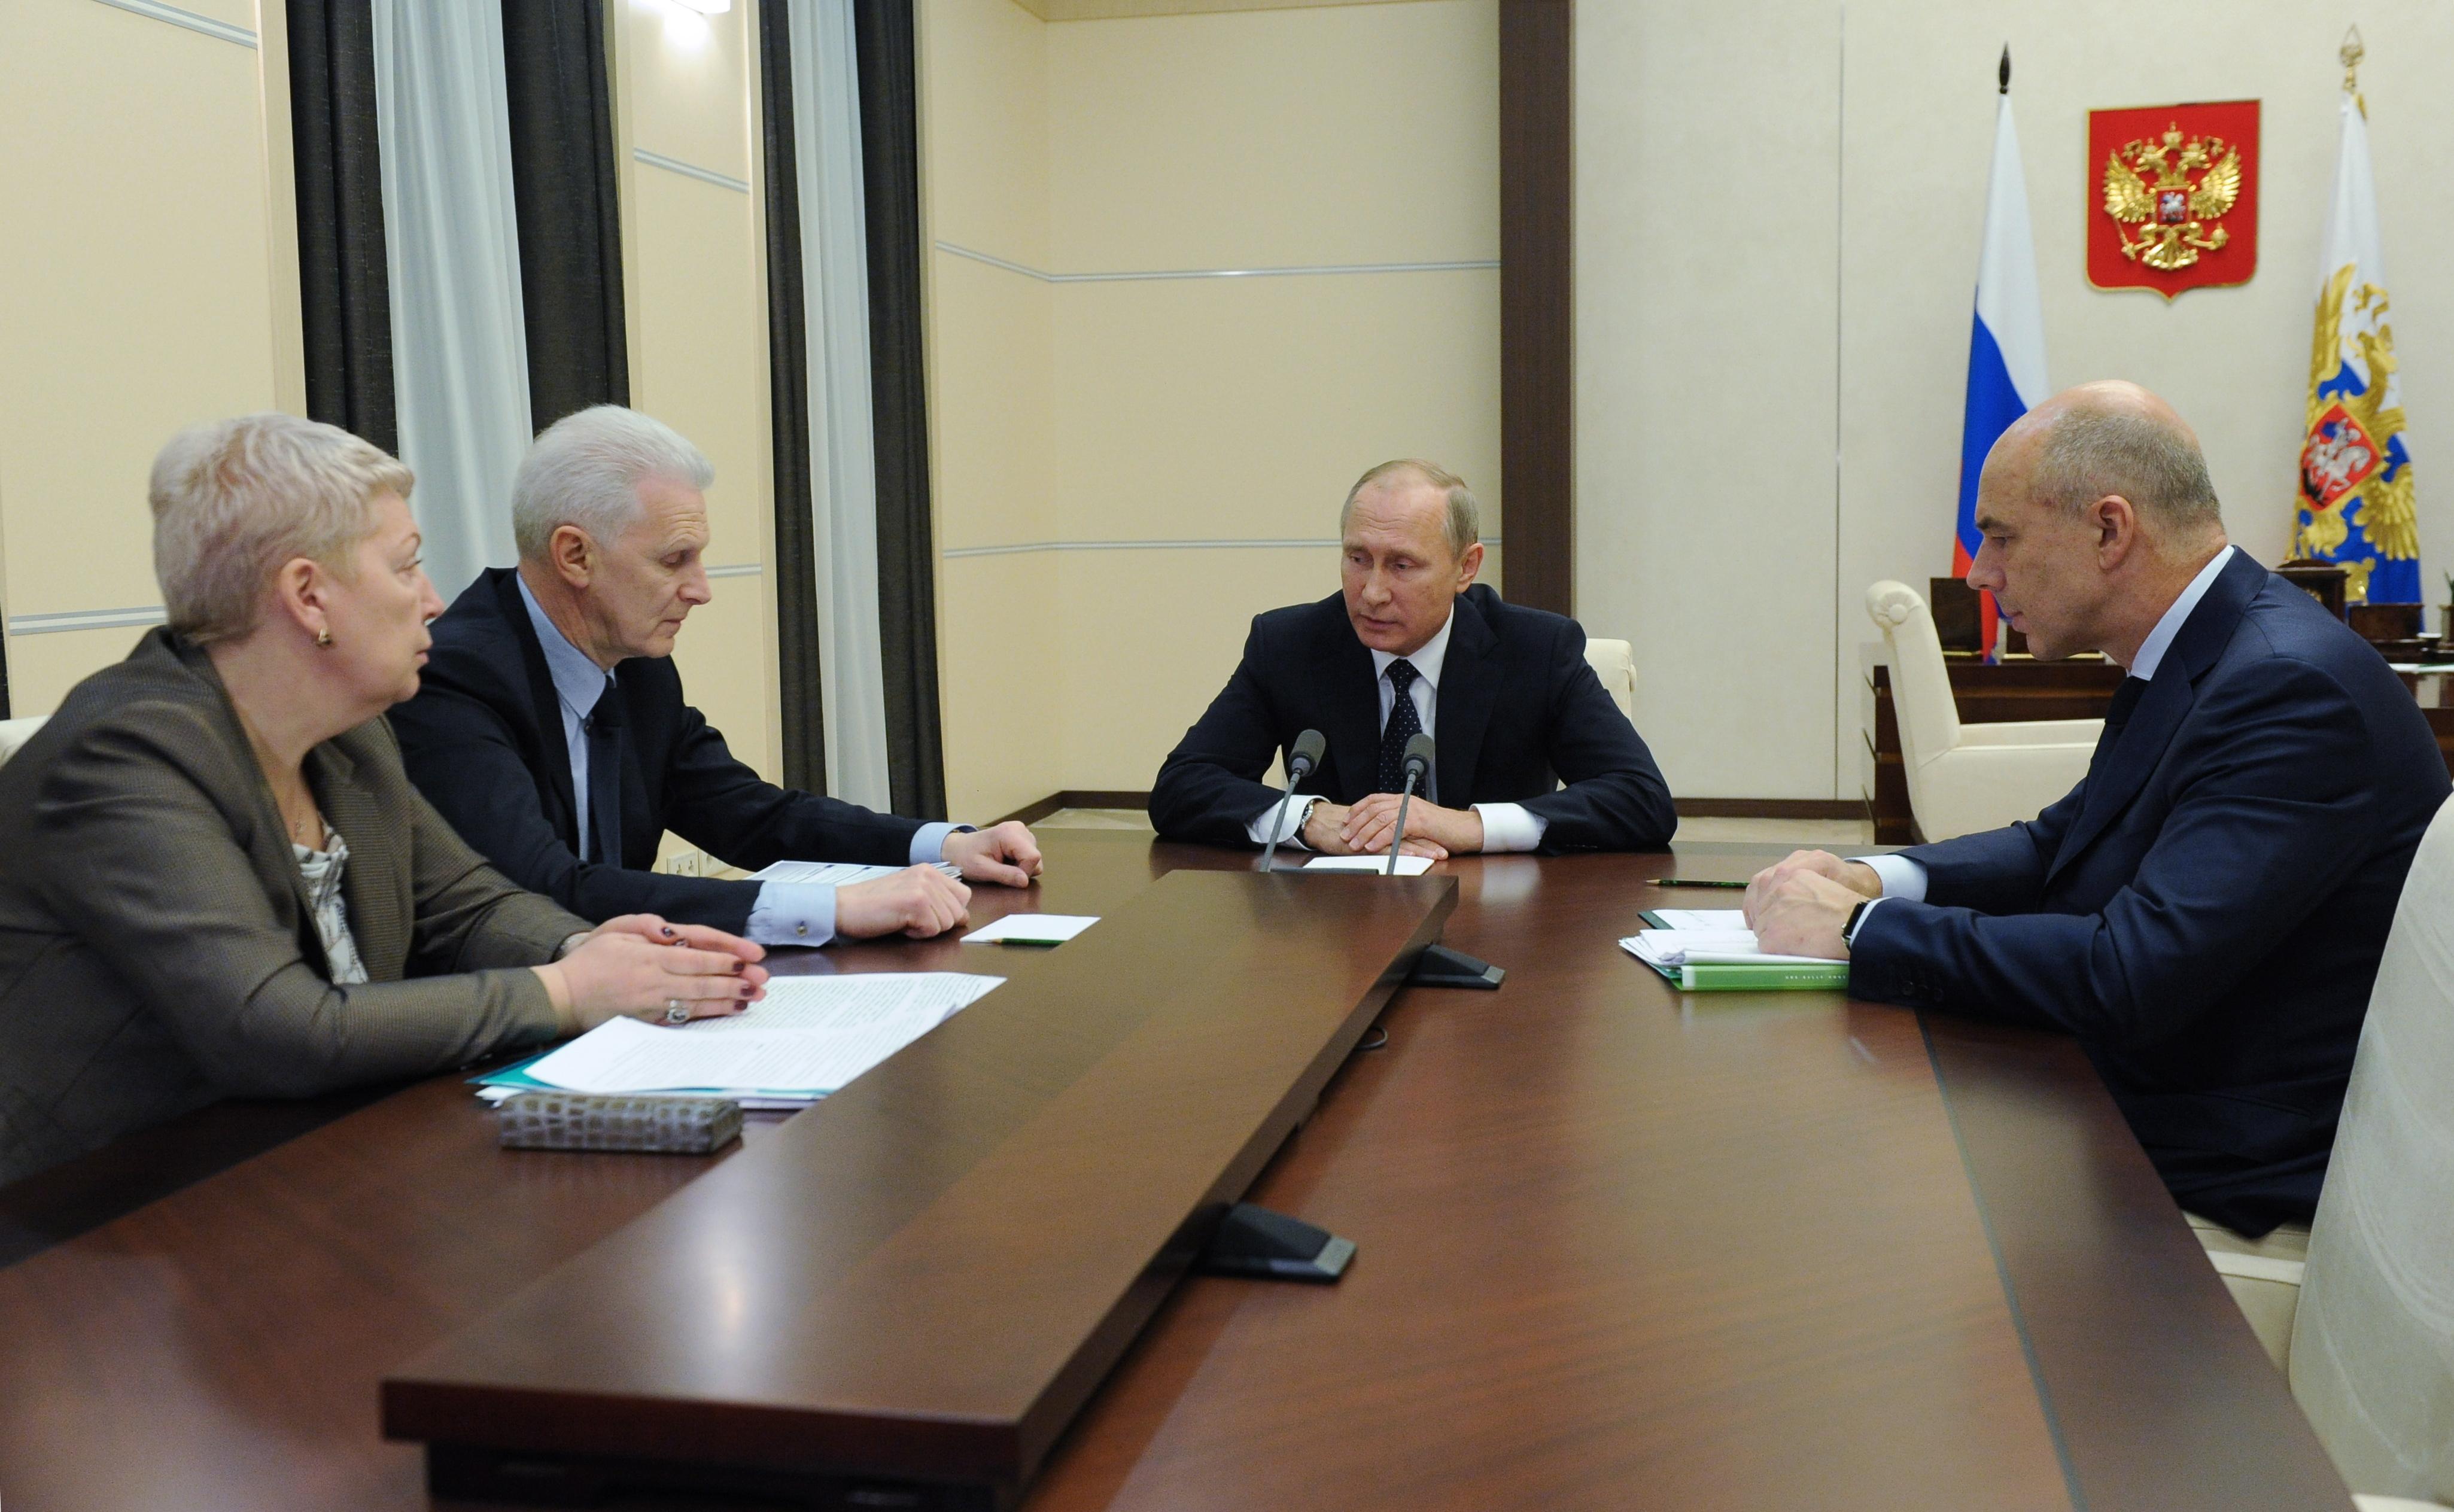 Путин пообещал выделить учёным в 2017-ом году дополнительно 3,5 млрд руб.